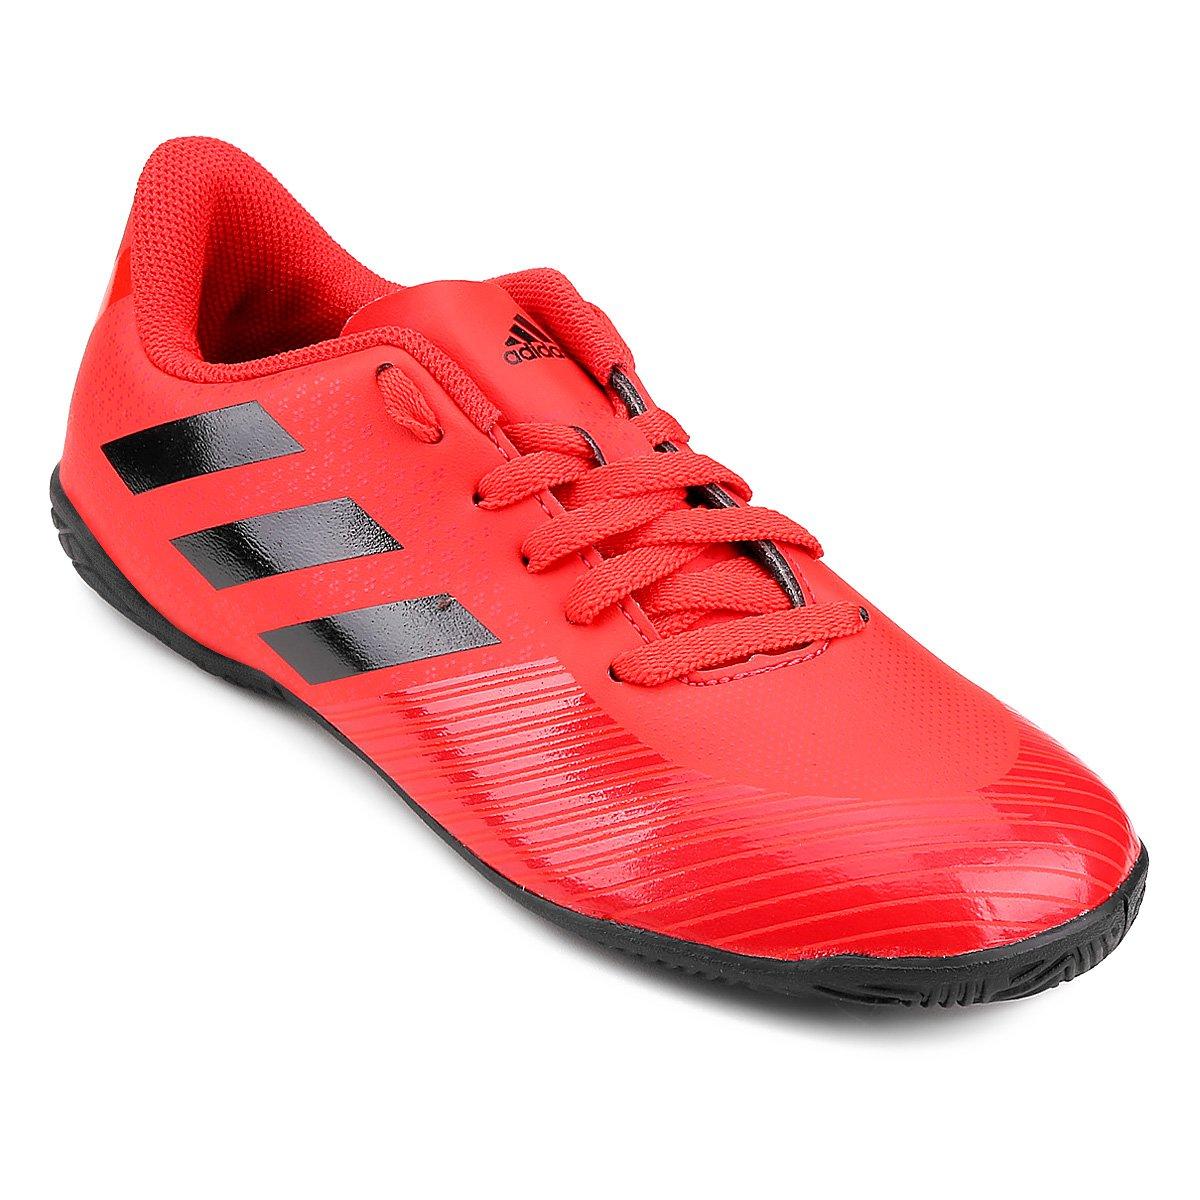 0c7a0f32da Chuteira Futsal Infantil Adidas Artilheira IN